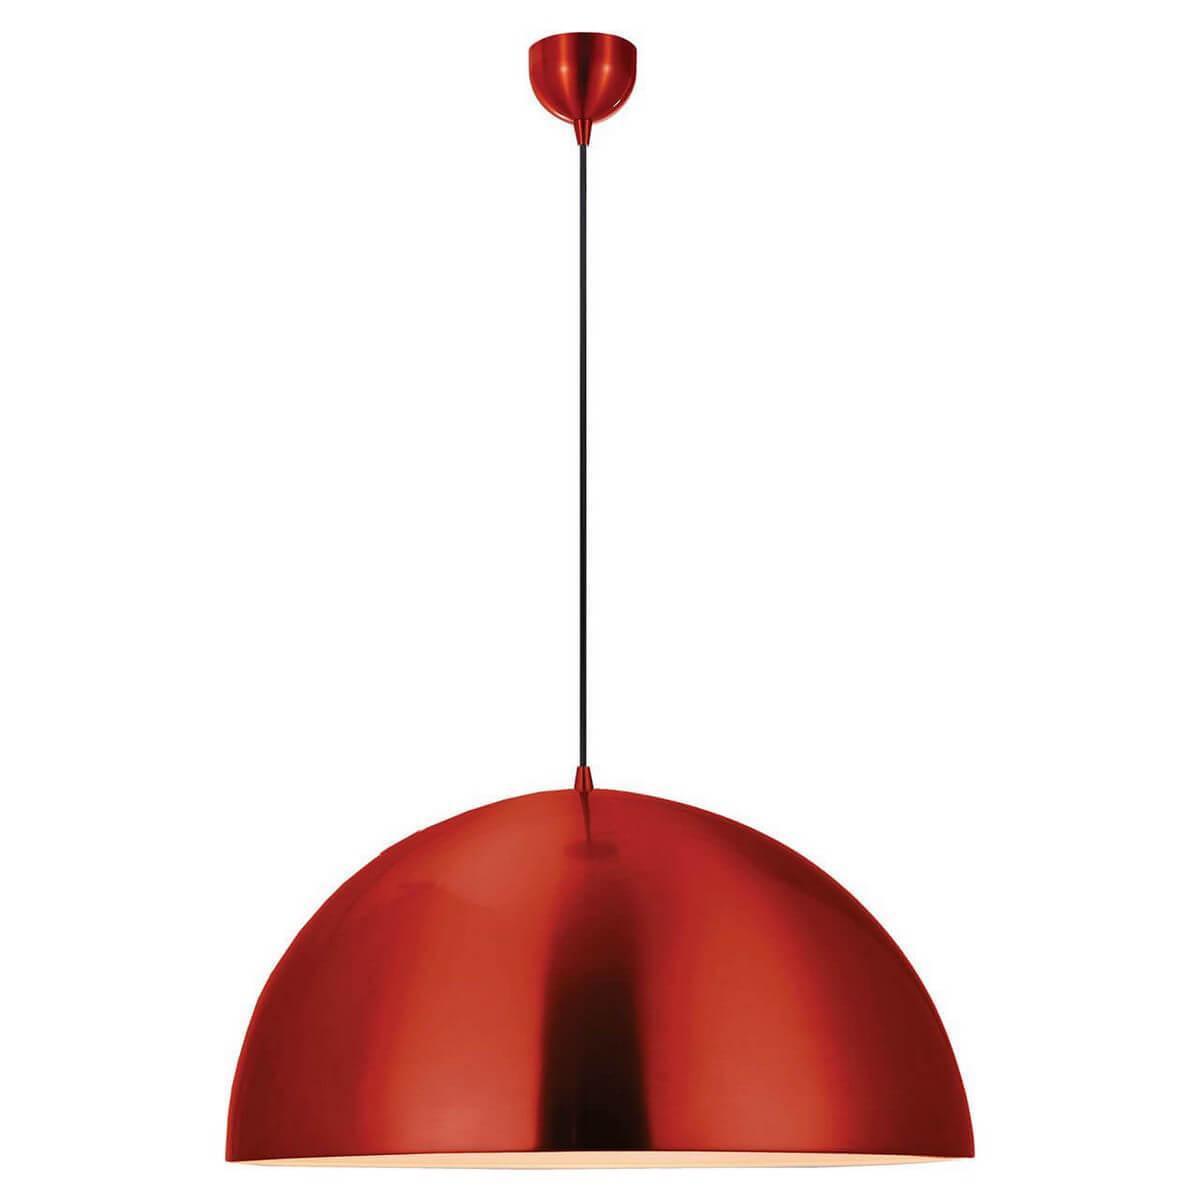 Подвесной светильник Lussole LOFT LSP-9654, E27, 60 Вт потолочный светильник lussole lsp 9654